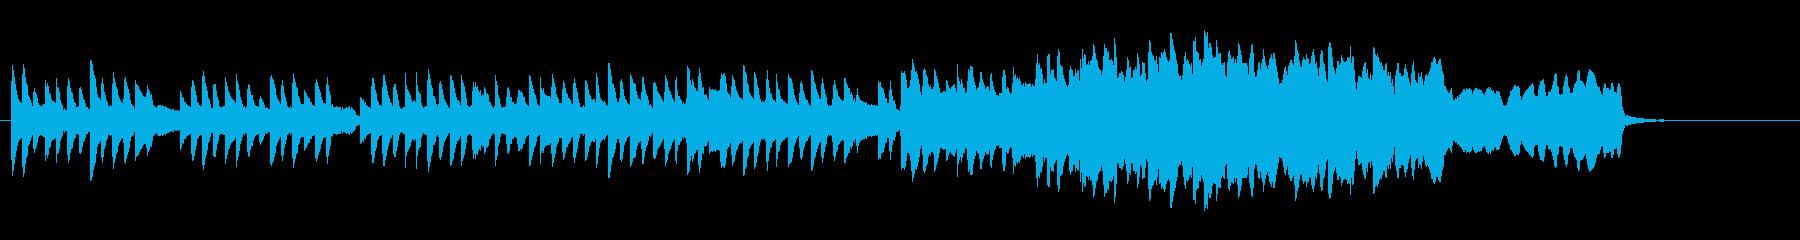 ニューエイジ研究所心温まるムードの...の再生済みの波形